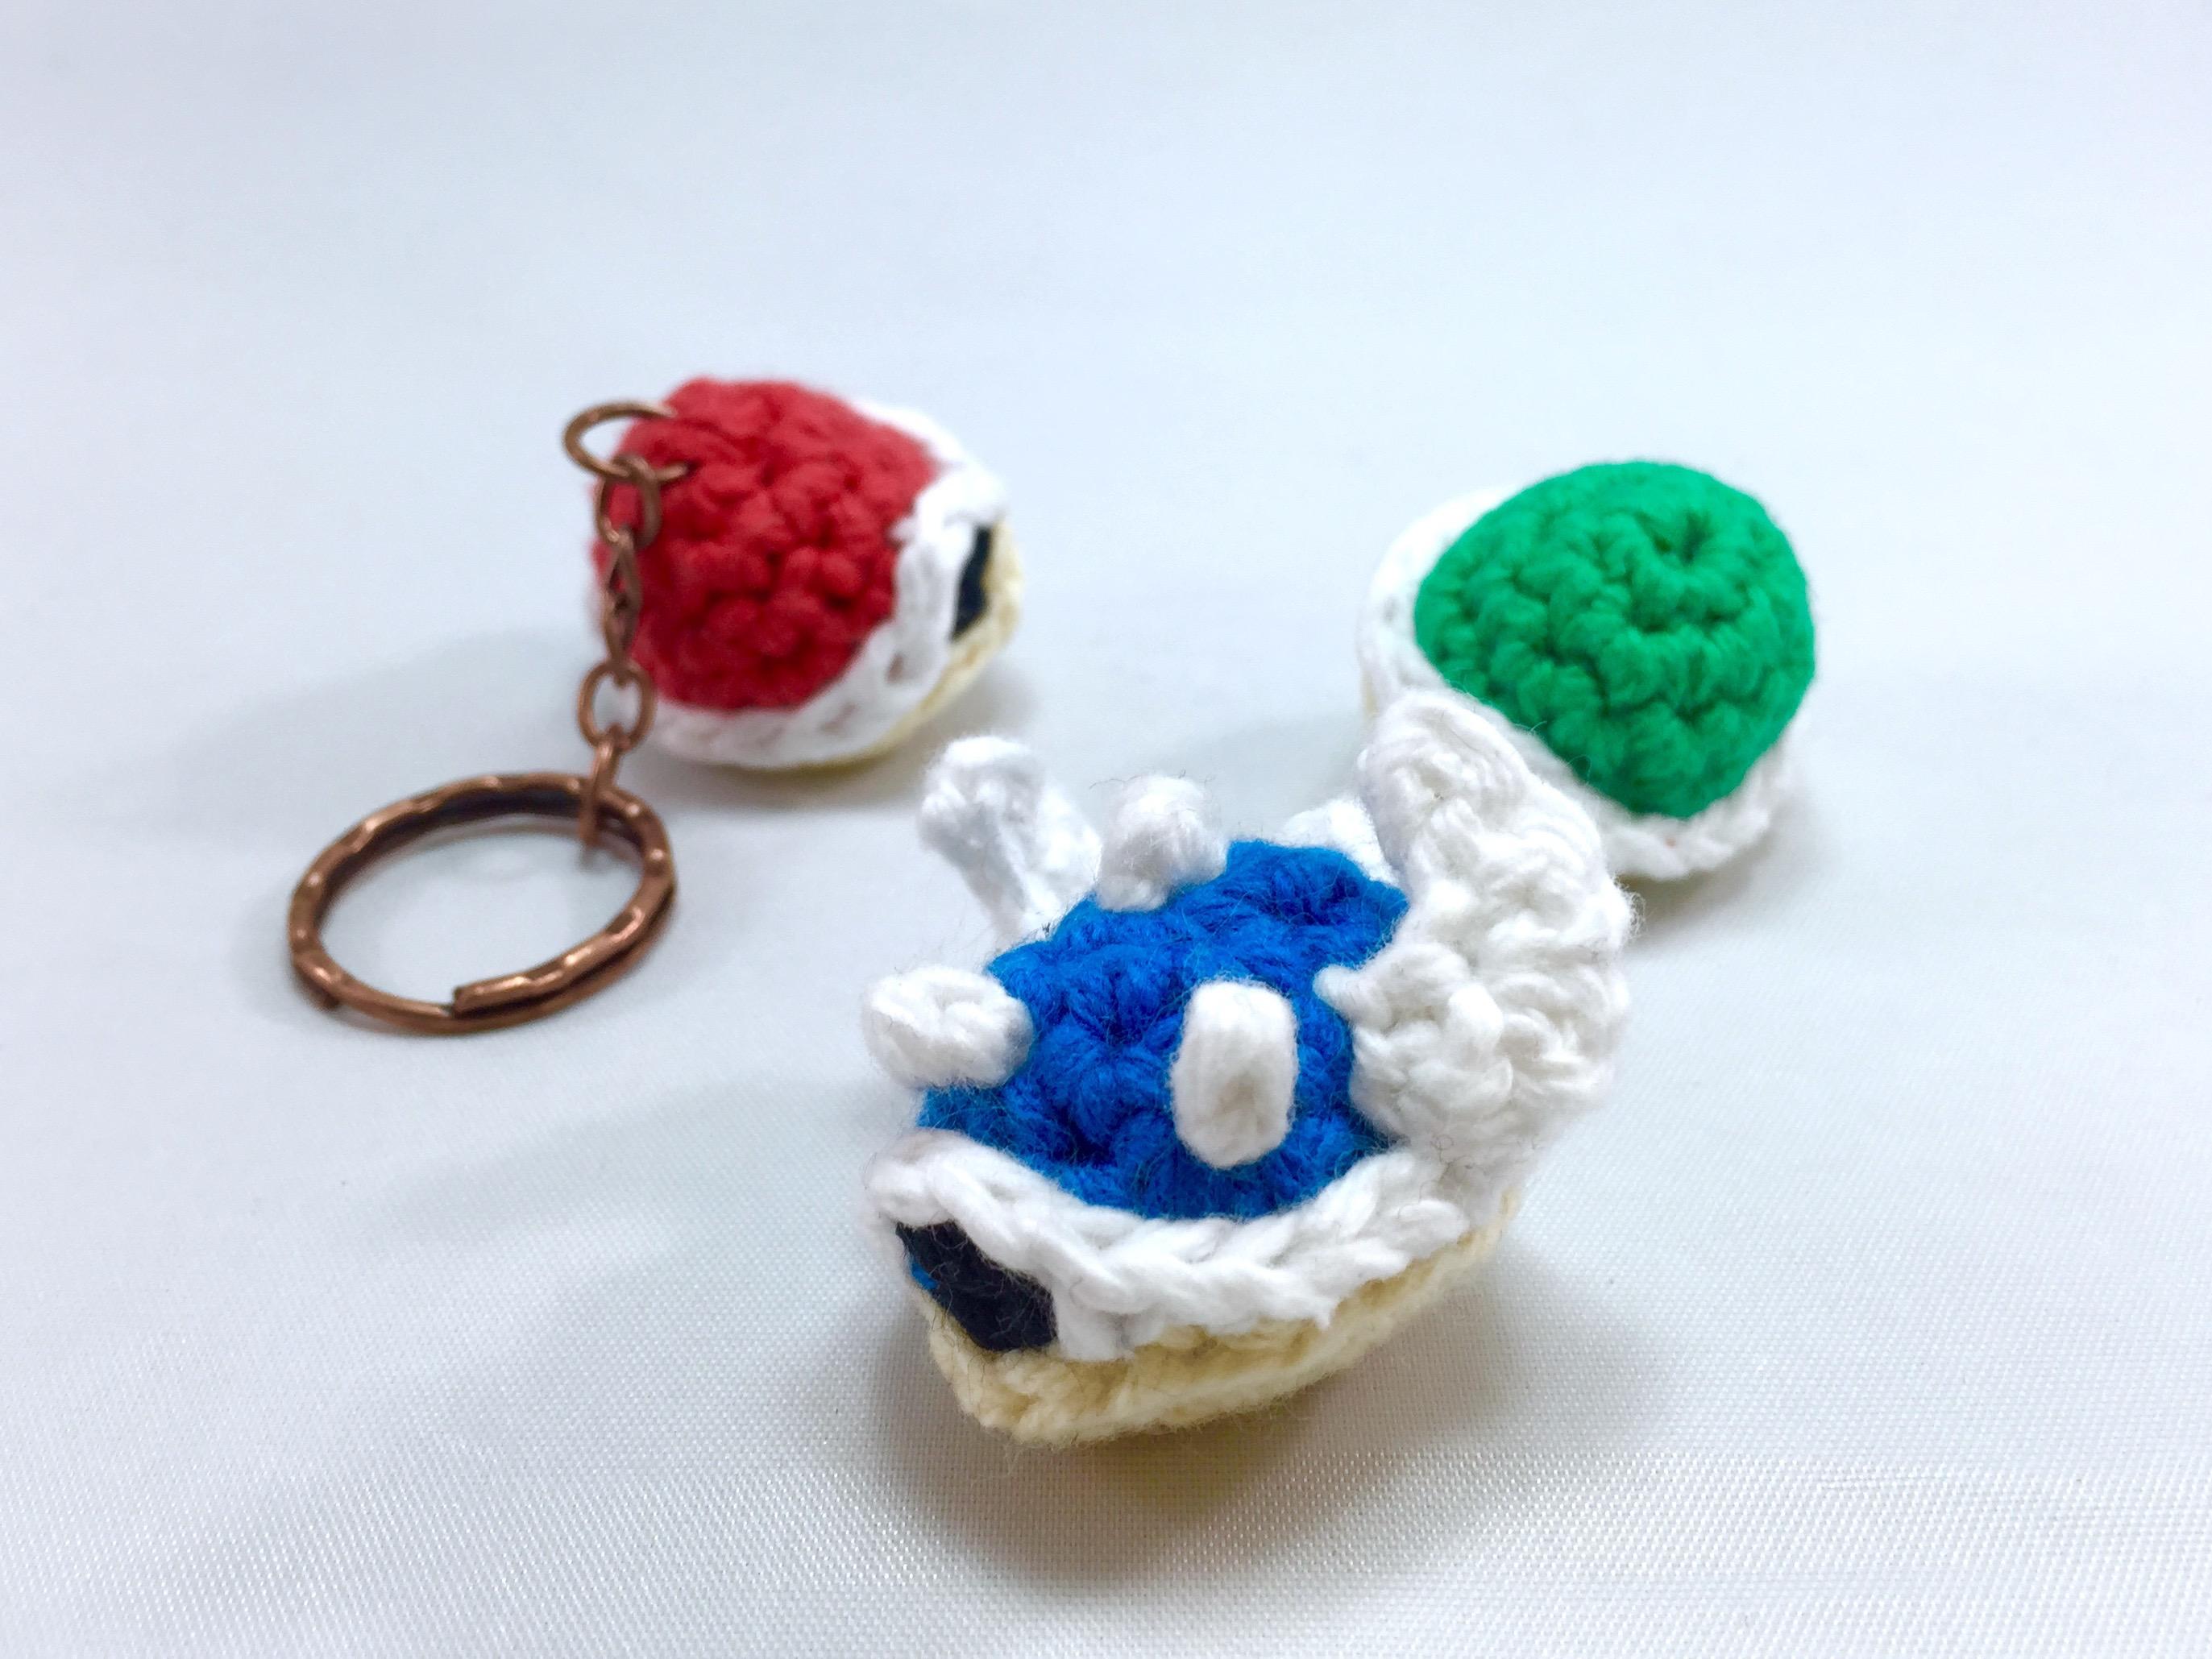 Amigurumi Super Mario Pattern : Mario Enemies from Super Mario Bros Crochet Patterns ...